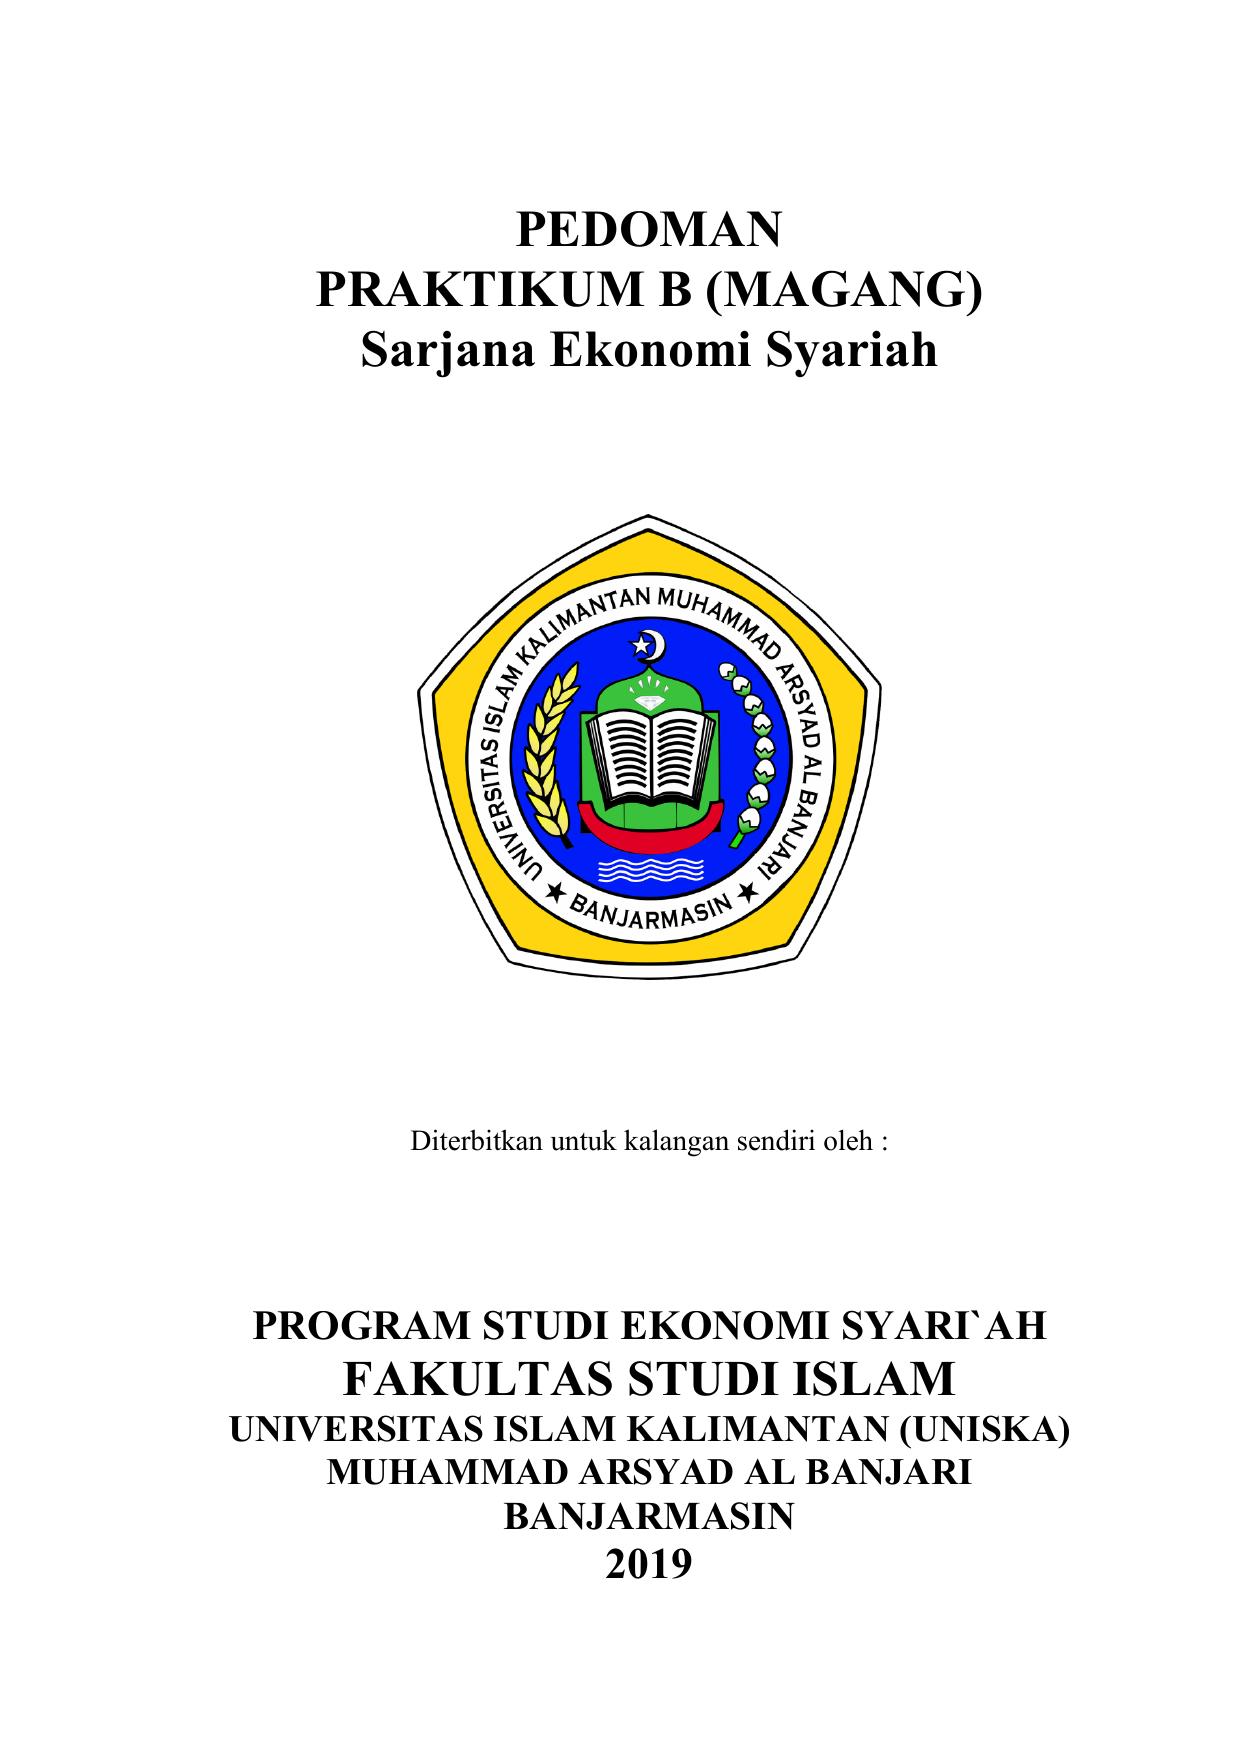 Pedoman Magang Ekonomi Syariah 2019